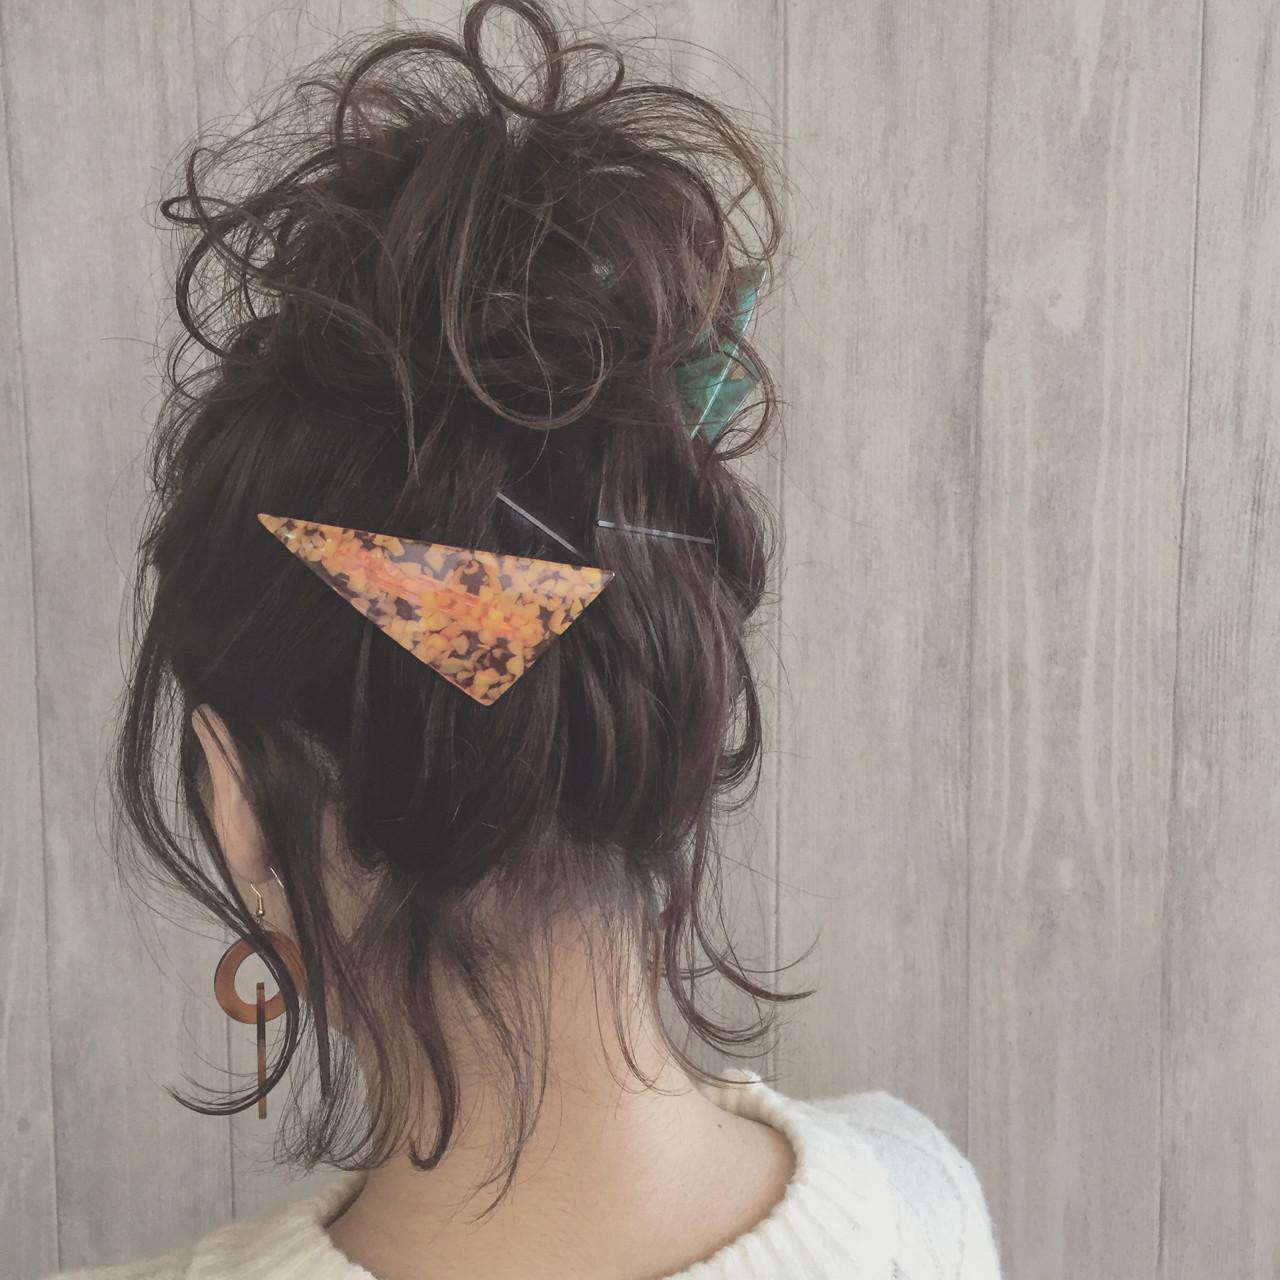 ガーリー ヘアアレンジ ゆるふわ ふわふわ ヘアスタイルや髪型の写真・画像